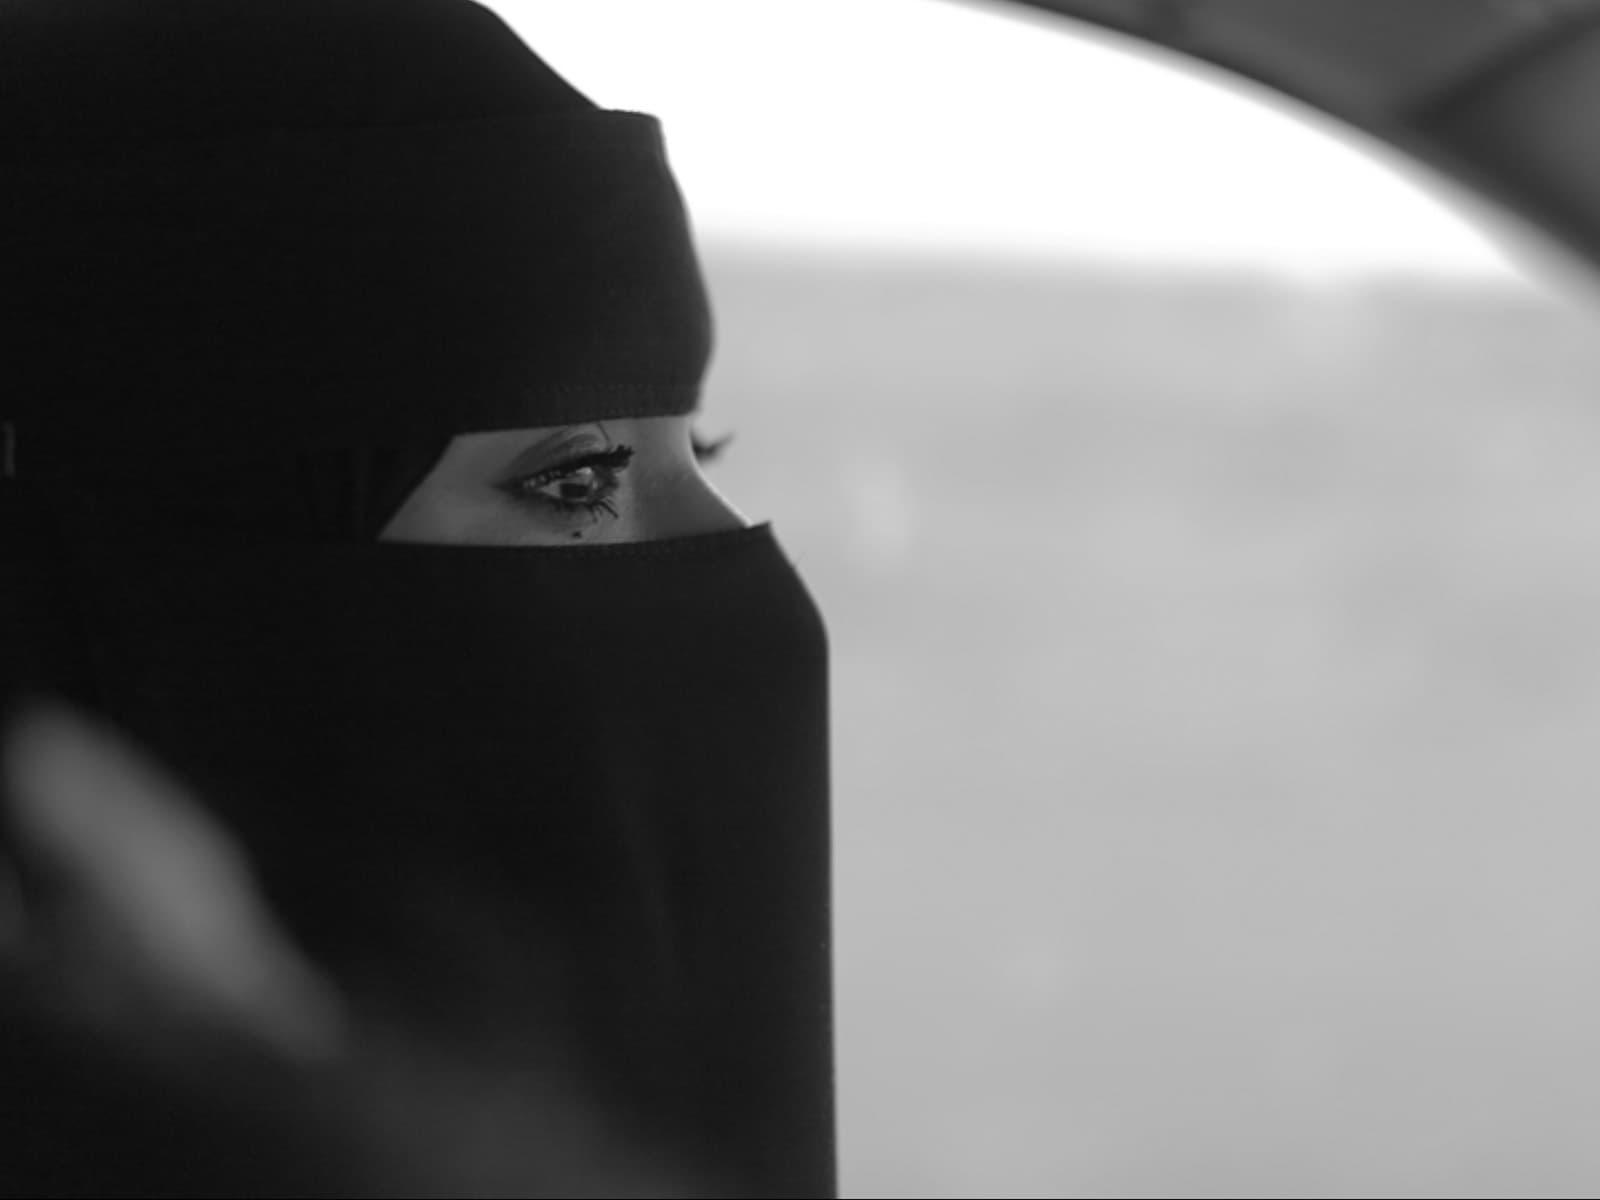 سعادة قبل رفع حظر قيادة المرأة السعودية